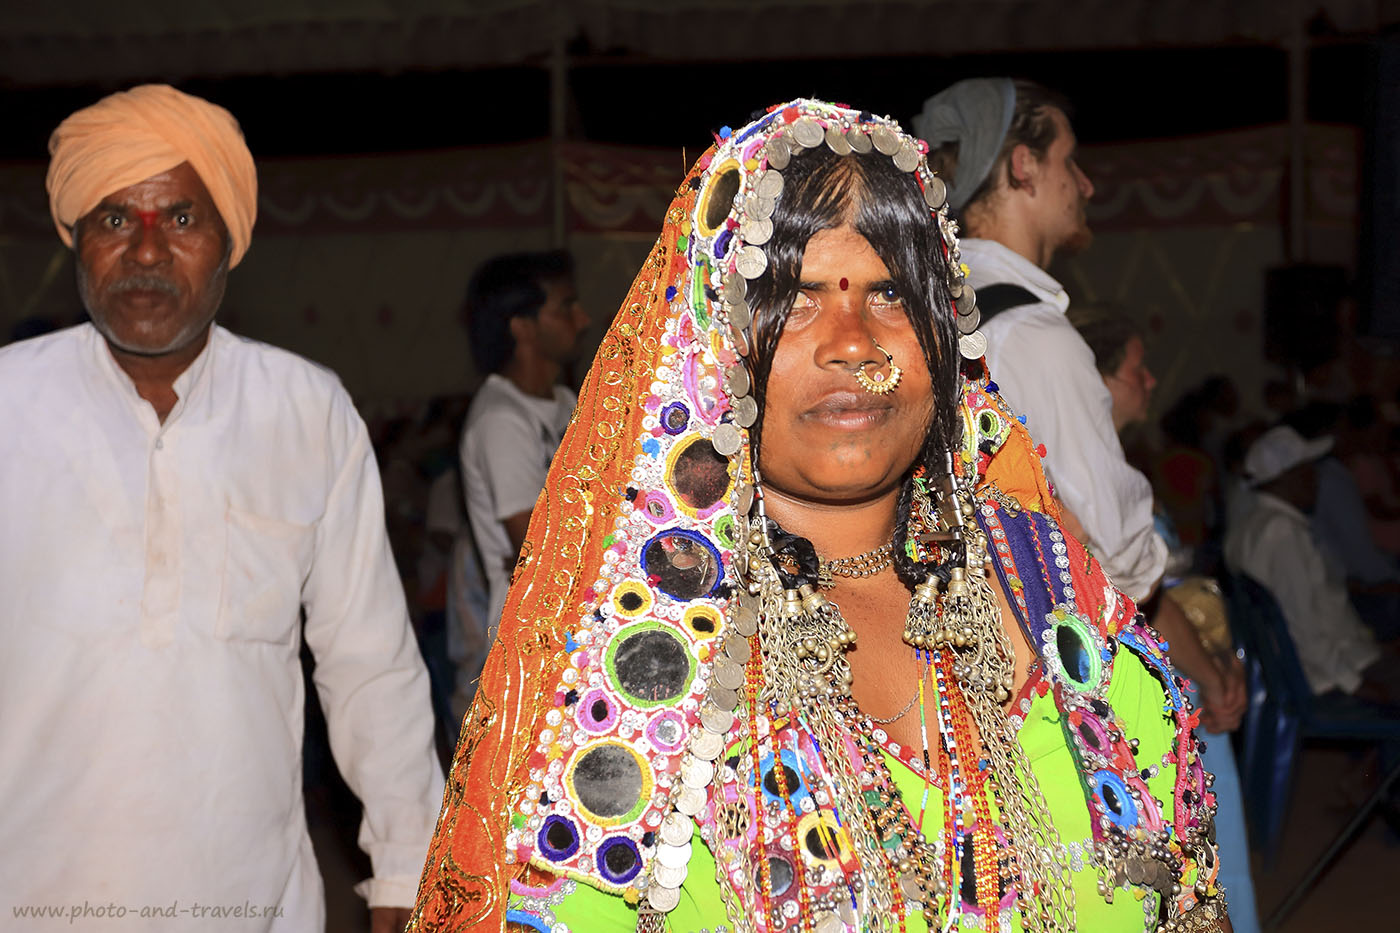 Фотография 4. Отзывы об отдыхе в Индии. Штат Карнатака. Цыганка из Гокарны. 1/60, f/5.0, 400, 40